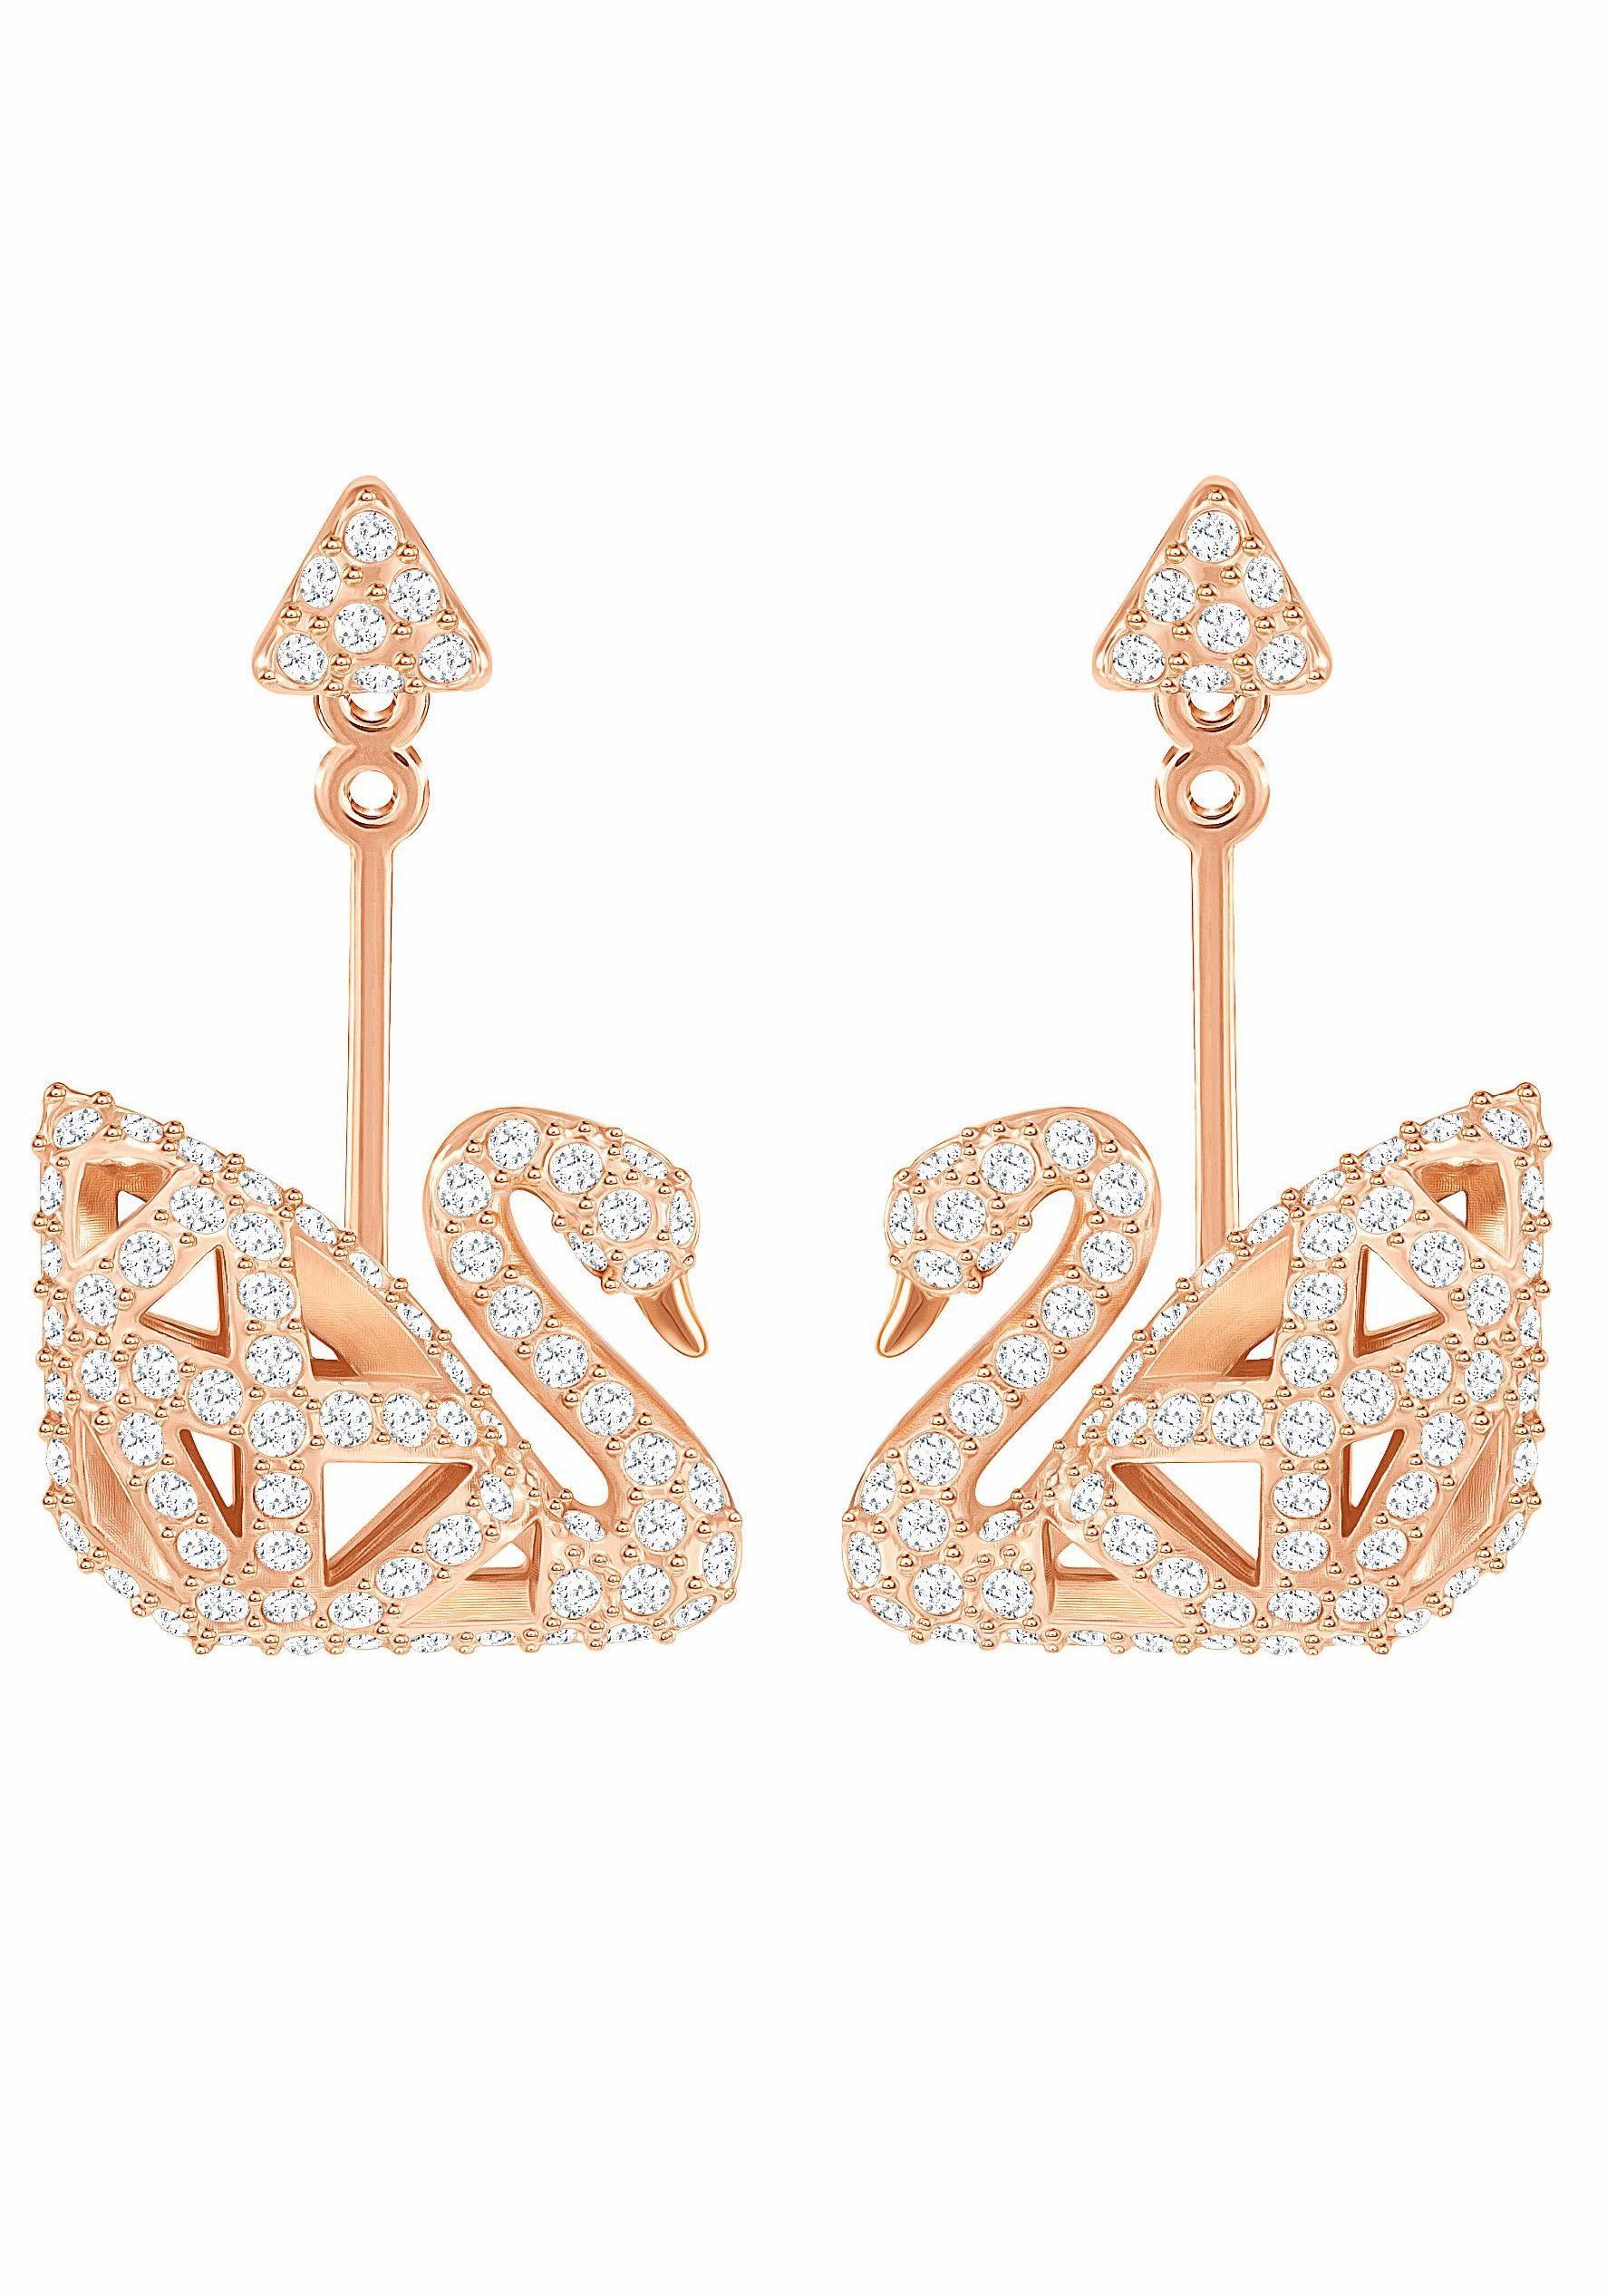 Swarovski Paar Ohrstecker »FACET SWAN, WEISS, ROSÈ VERGOLDET, 5358058« mit Swarovski® Kristallen und abnehmbaren Einhängern